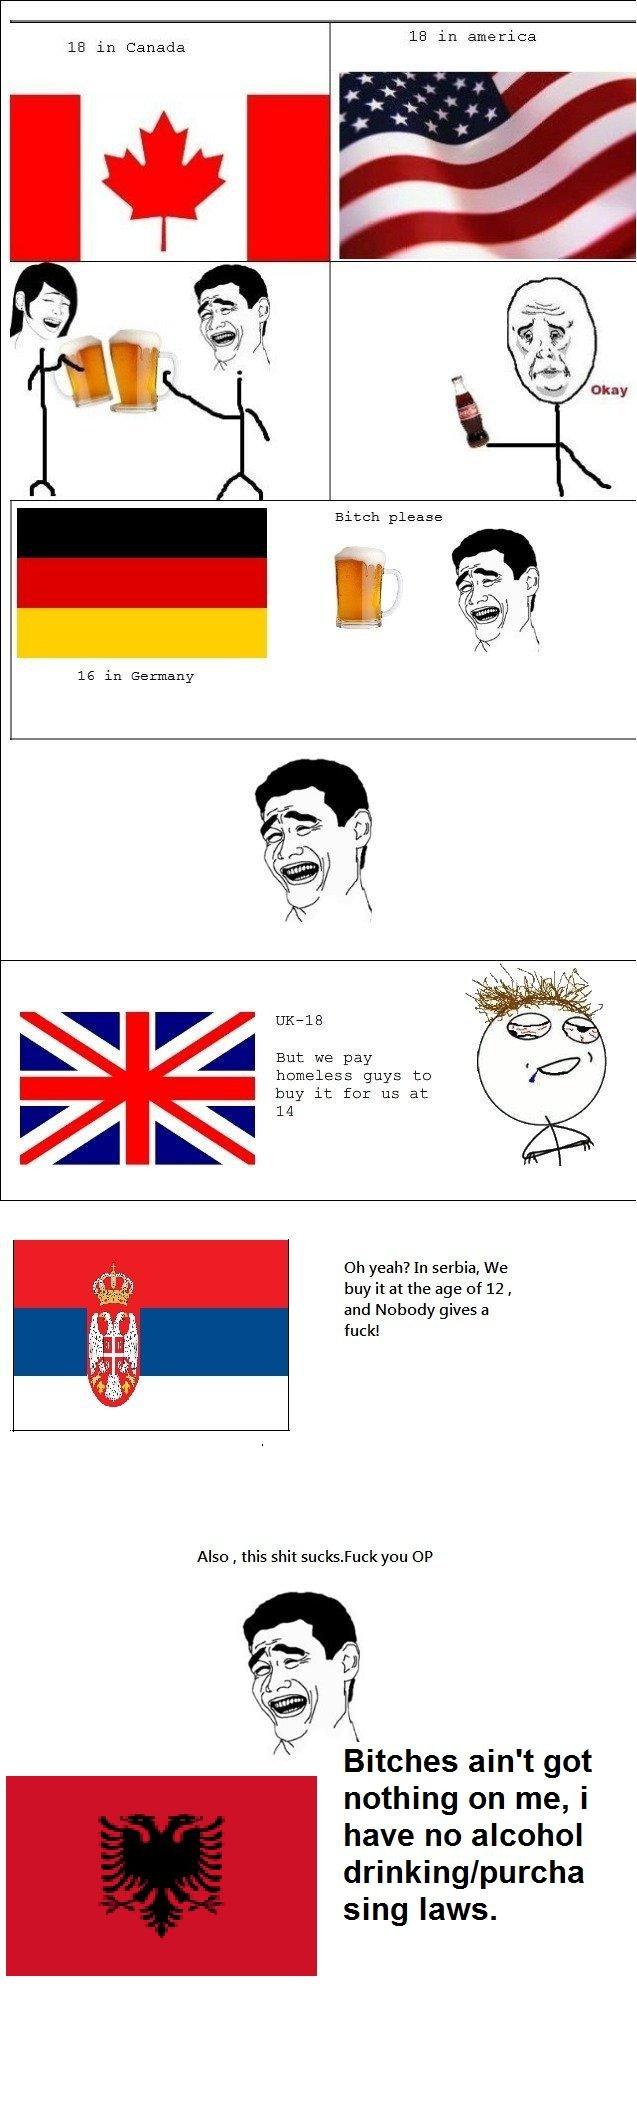 Albania. asdfghjjjjjjjjjjjkl.. thumb for you anyways=) Albania asdfghjjjjjjjjjjjkl thumb for you anyways=)